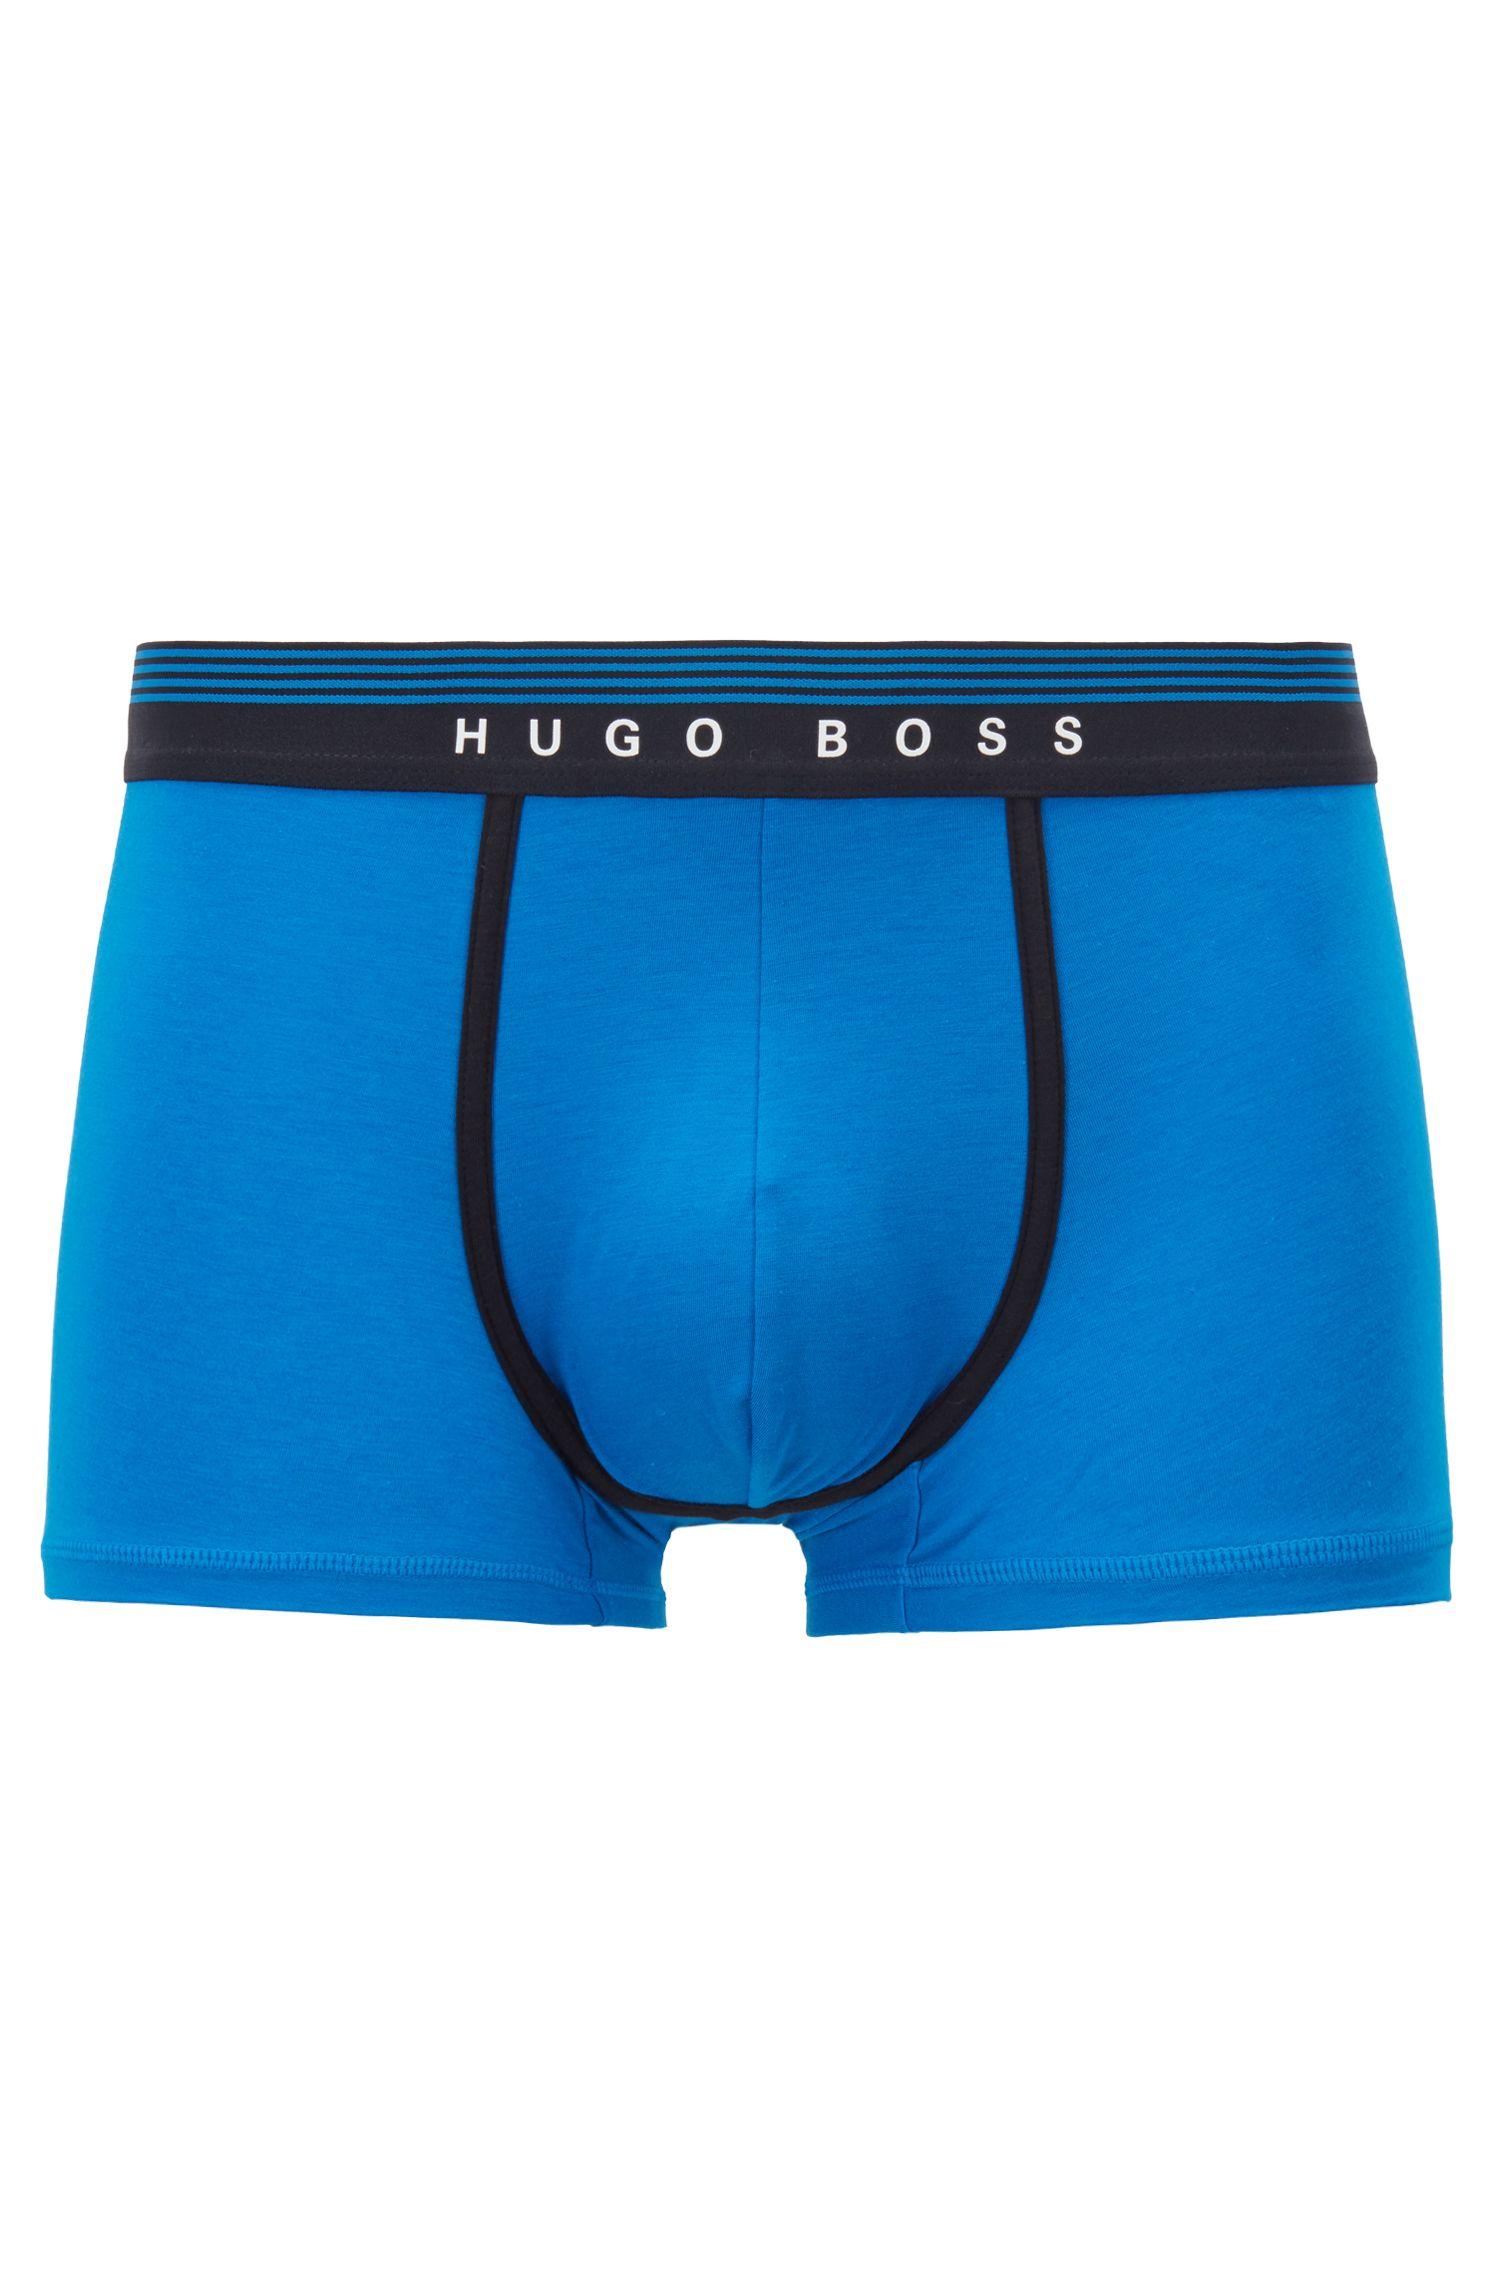 Boxershorts mit mittlerer Bundhöhe und Silikon-Logo am Bund, Blau